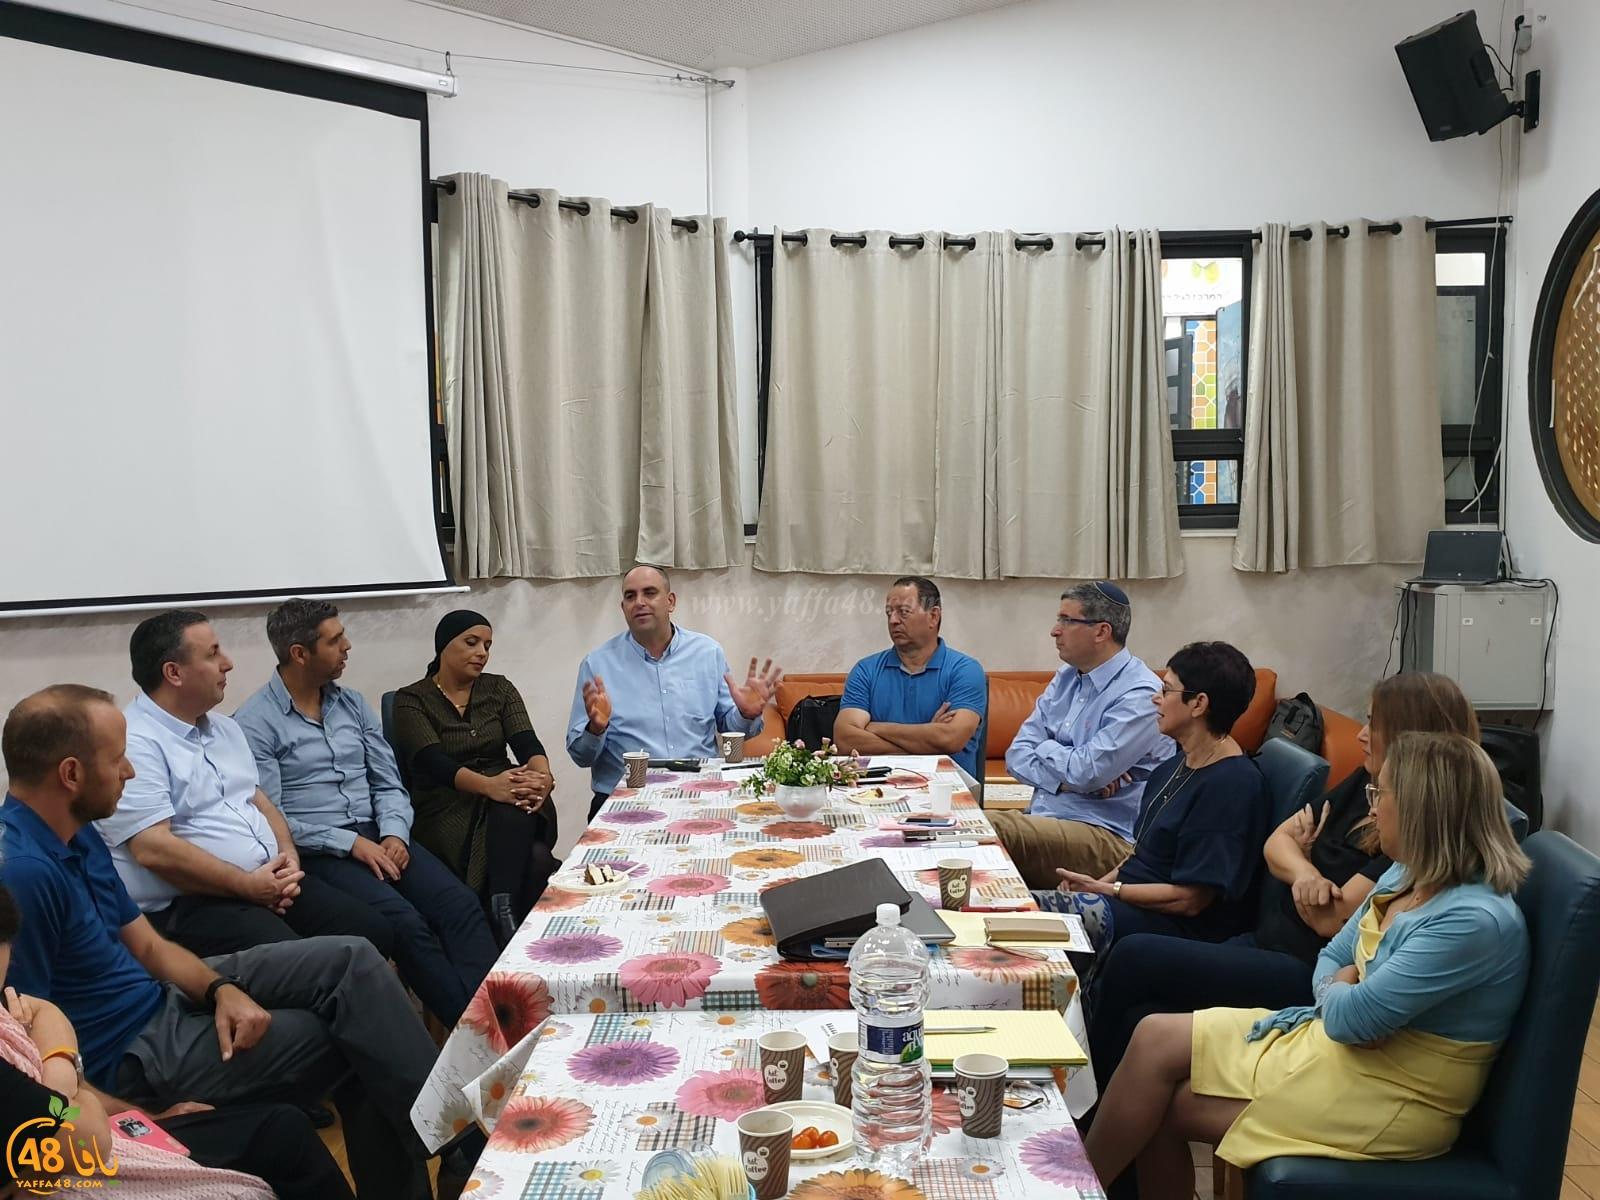 شركة المراكز الجماهيرية تسعى لتعميق التعاون المجتمعي والمبادرات مع بلدية اللد